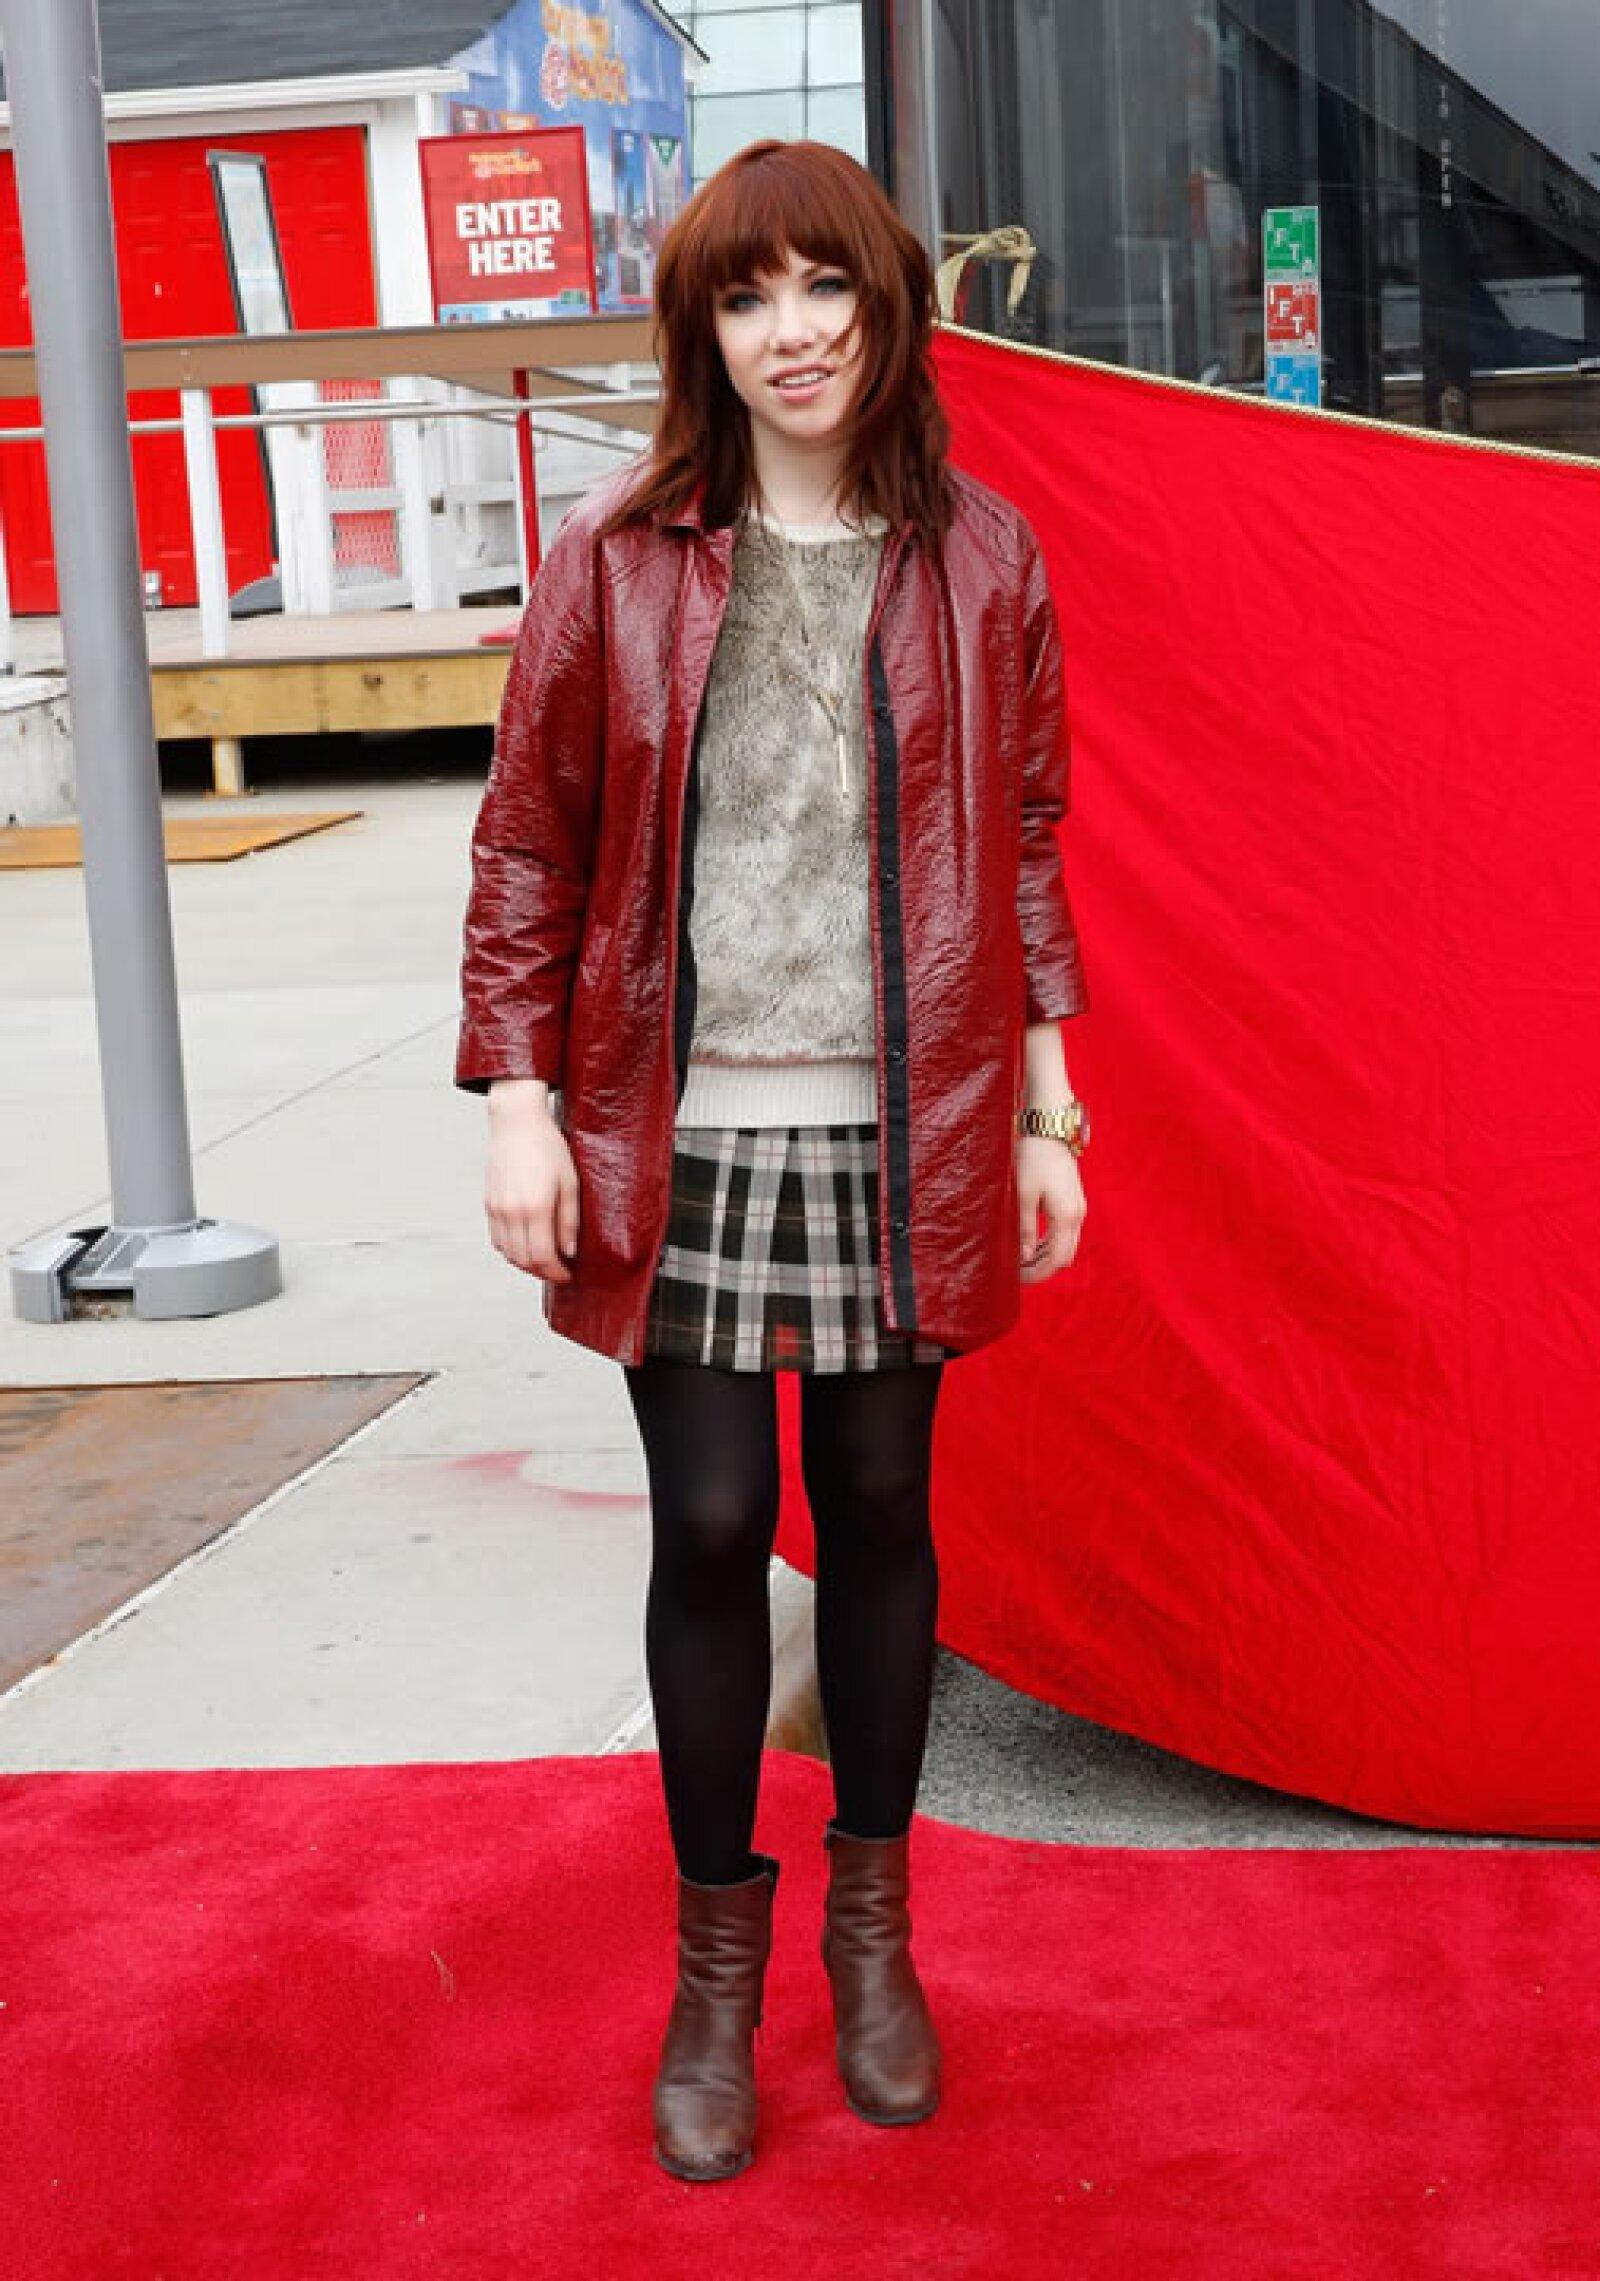 Carly Rae Jepsen- `Este outfit no es Call Me Maybe, es Nunca Me Llames.